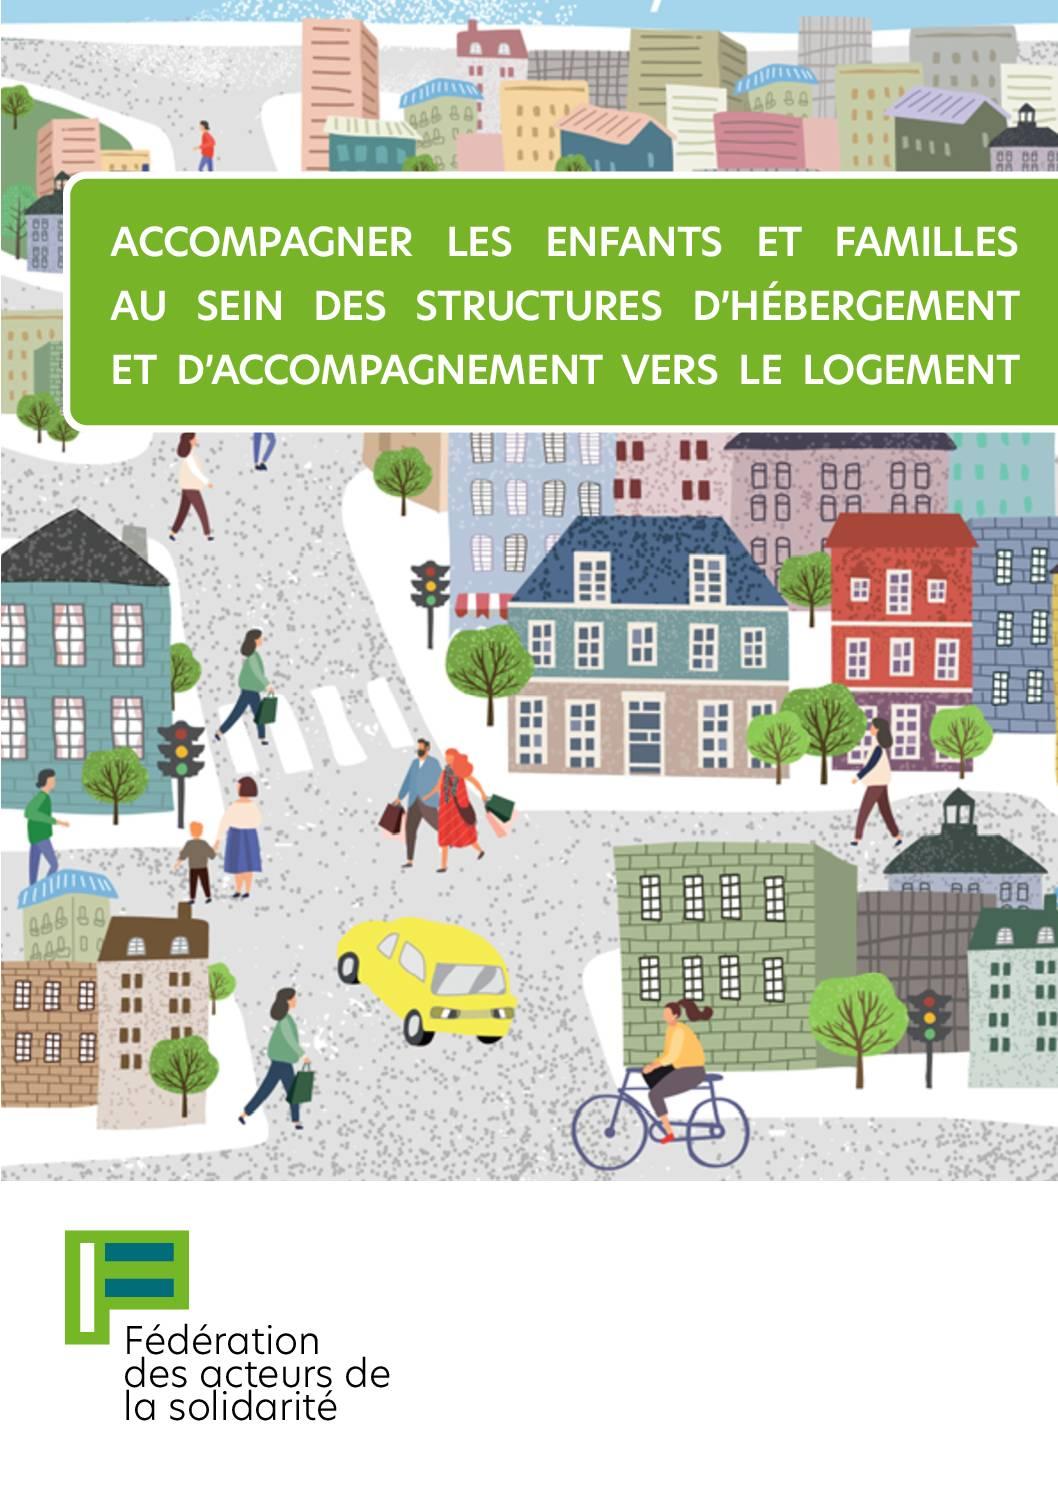 Guide - Accompagner les enfants et familles au sein des structures d'hébergement et d'accompagnement vers le logement